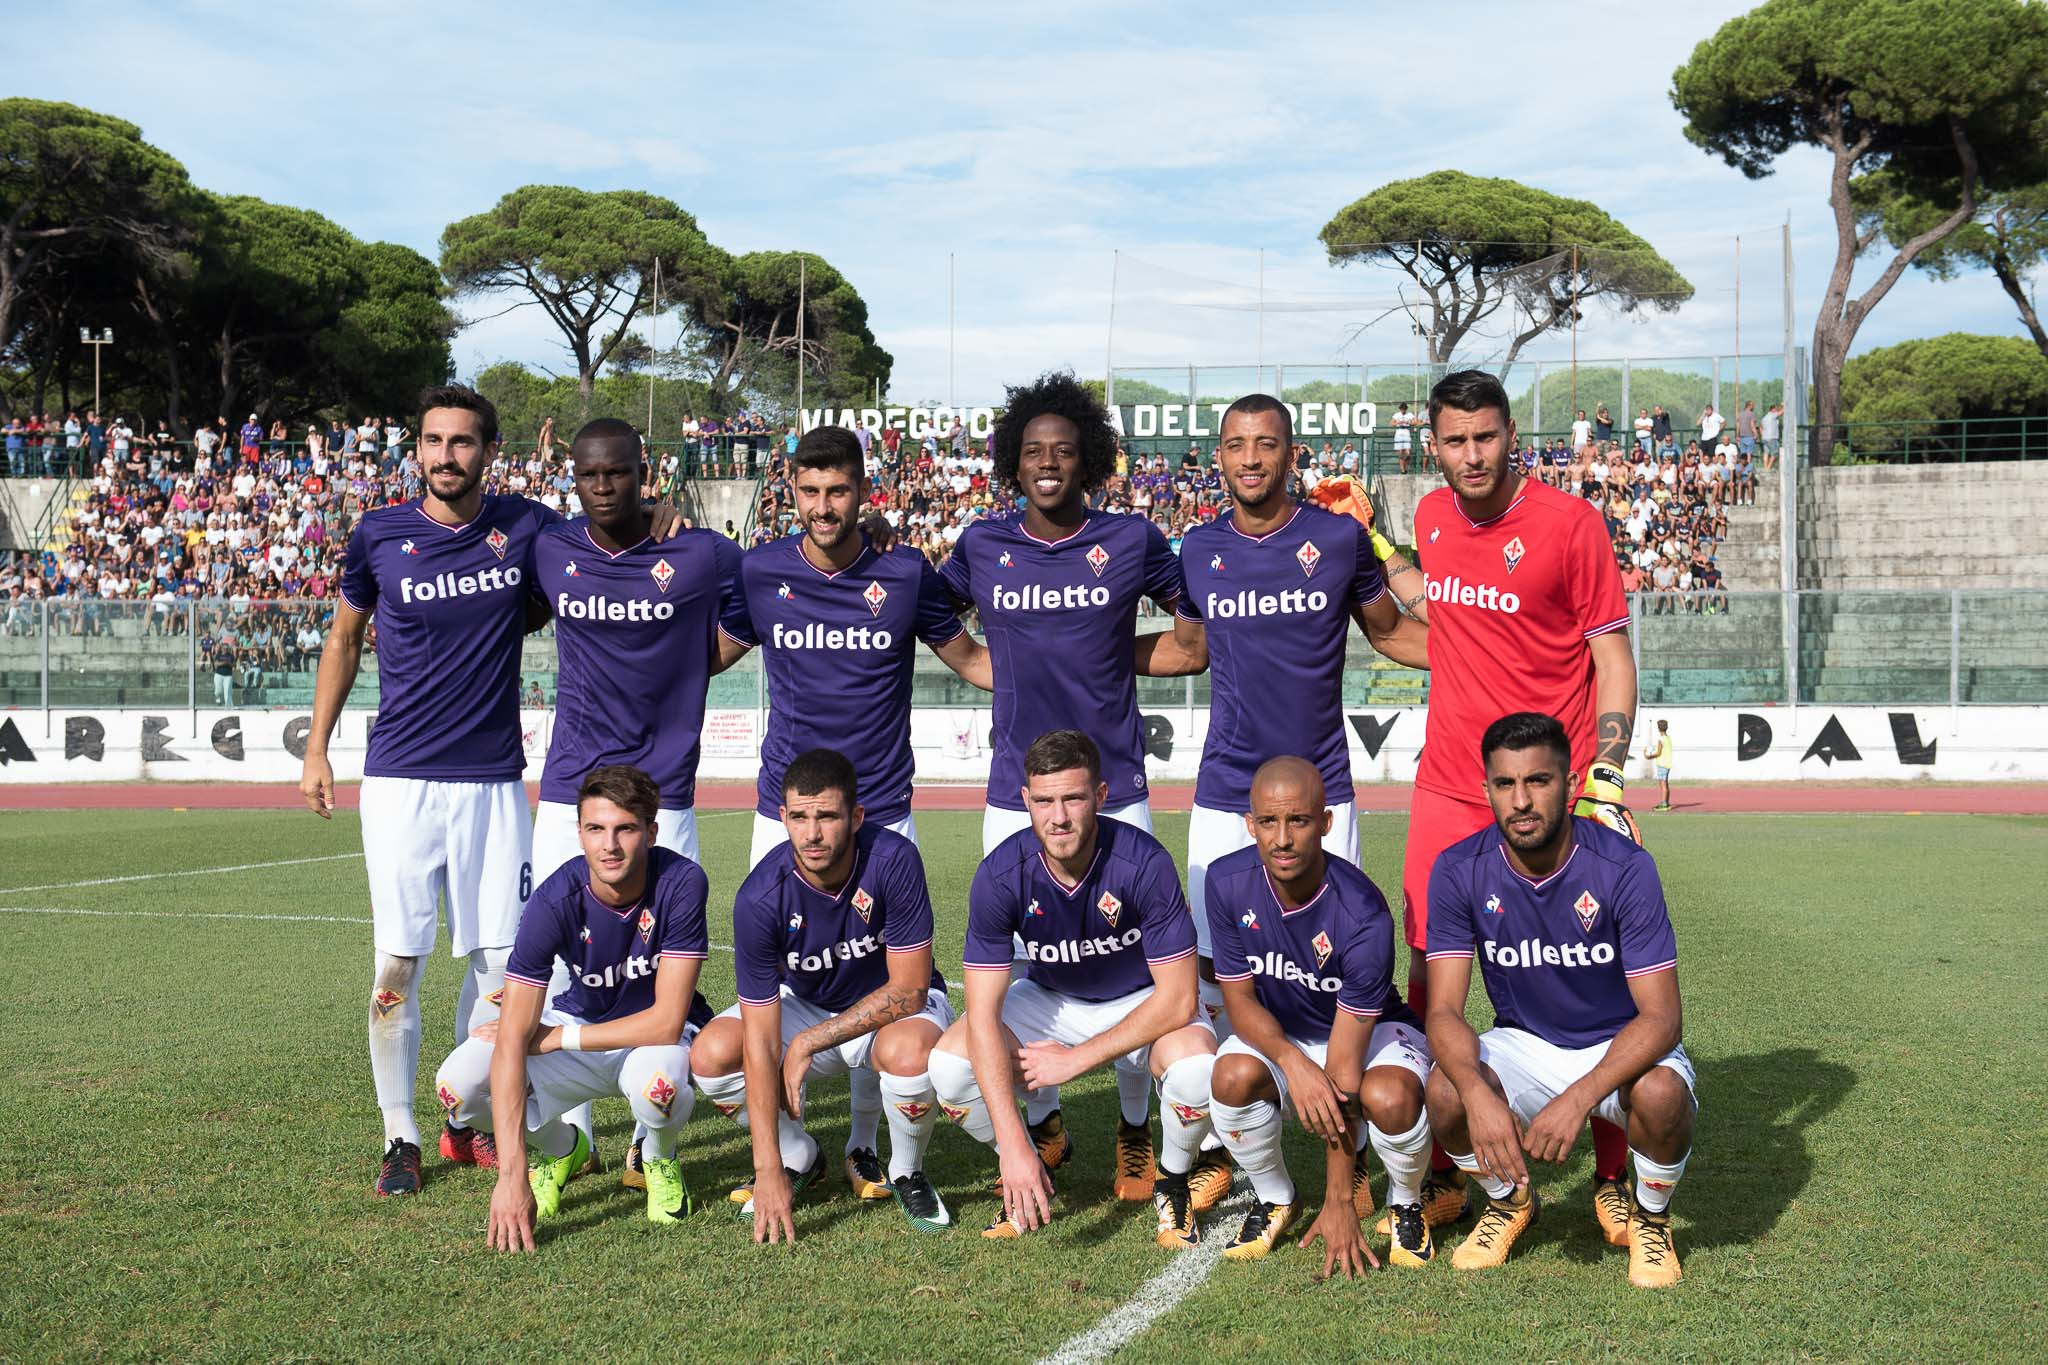 Rivoluzione viola, la Fiorentina ha perso qualità ed esperienza ma mai come quest'anno remano tutti dalla stessa parte